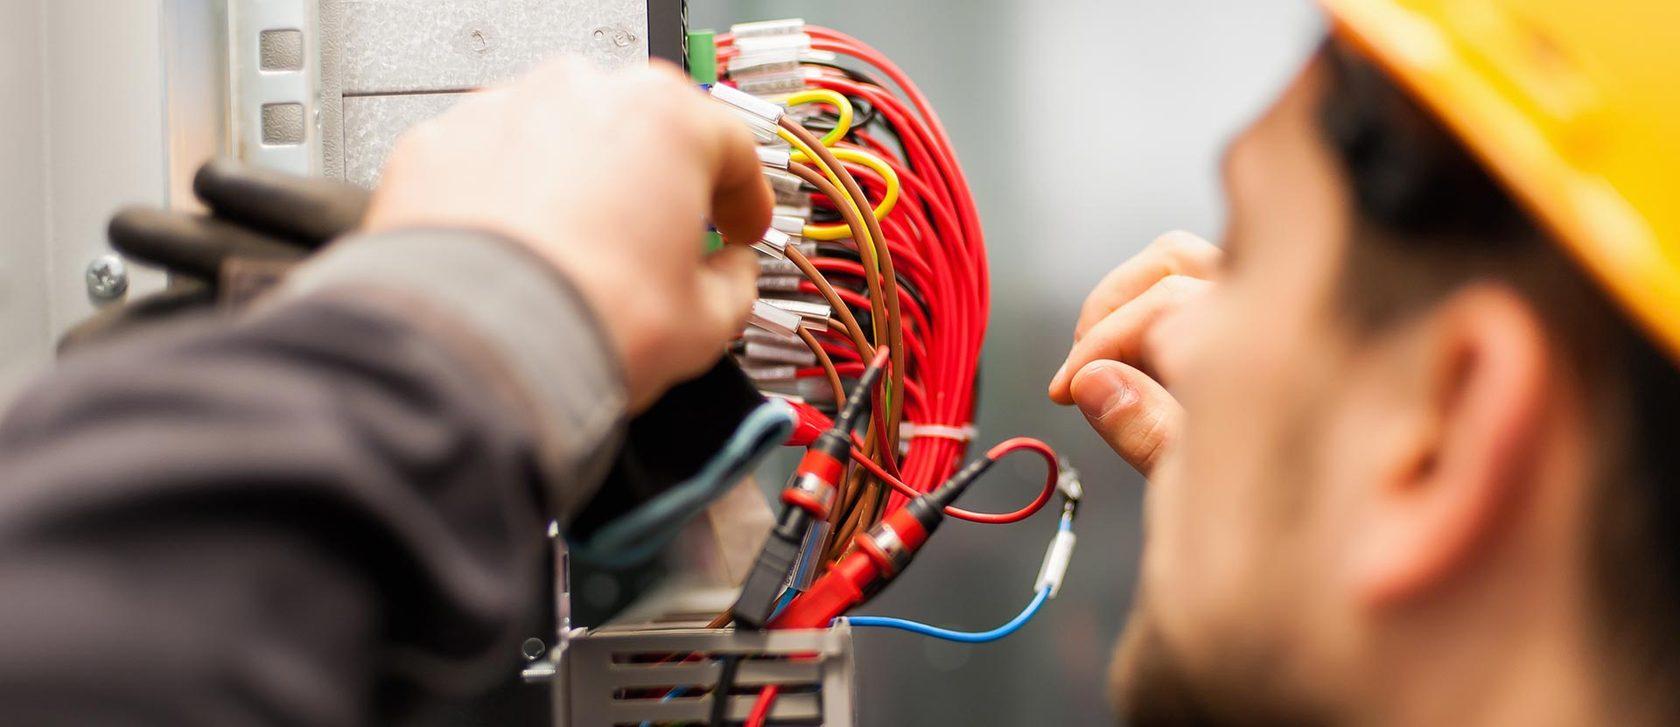 Услуги обслуживания систем электроснабжения